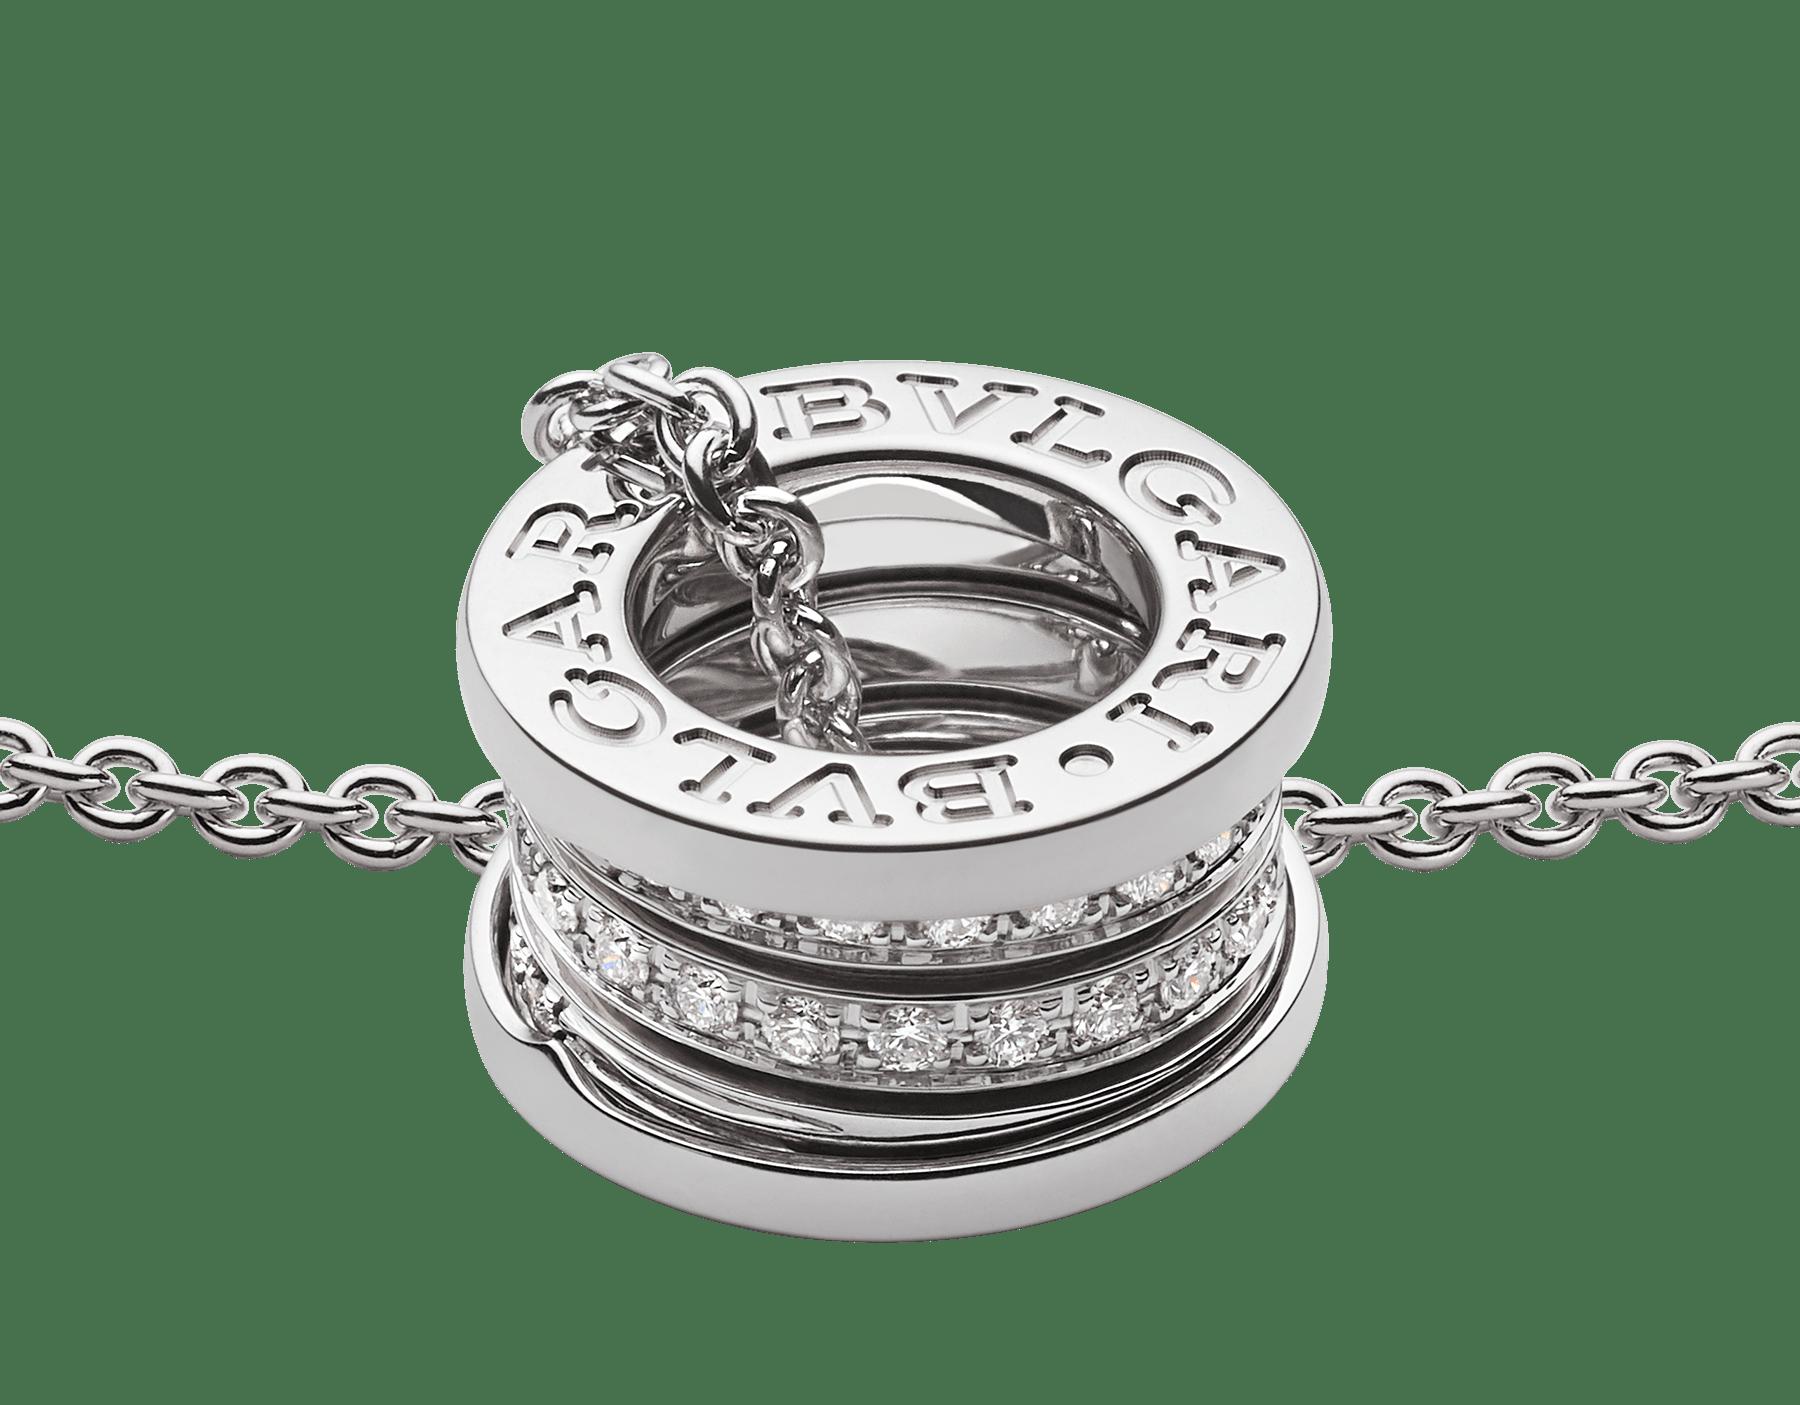 Con la emblemática espiral esculpida con un precioso pavé de diamantes alrededor de una cadena en oro blanco, el collar B.zero1 fusiona su distintivo diseño con la elegancia contemporánea. 352816 image 3